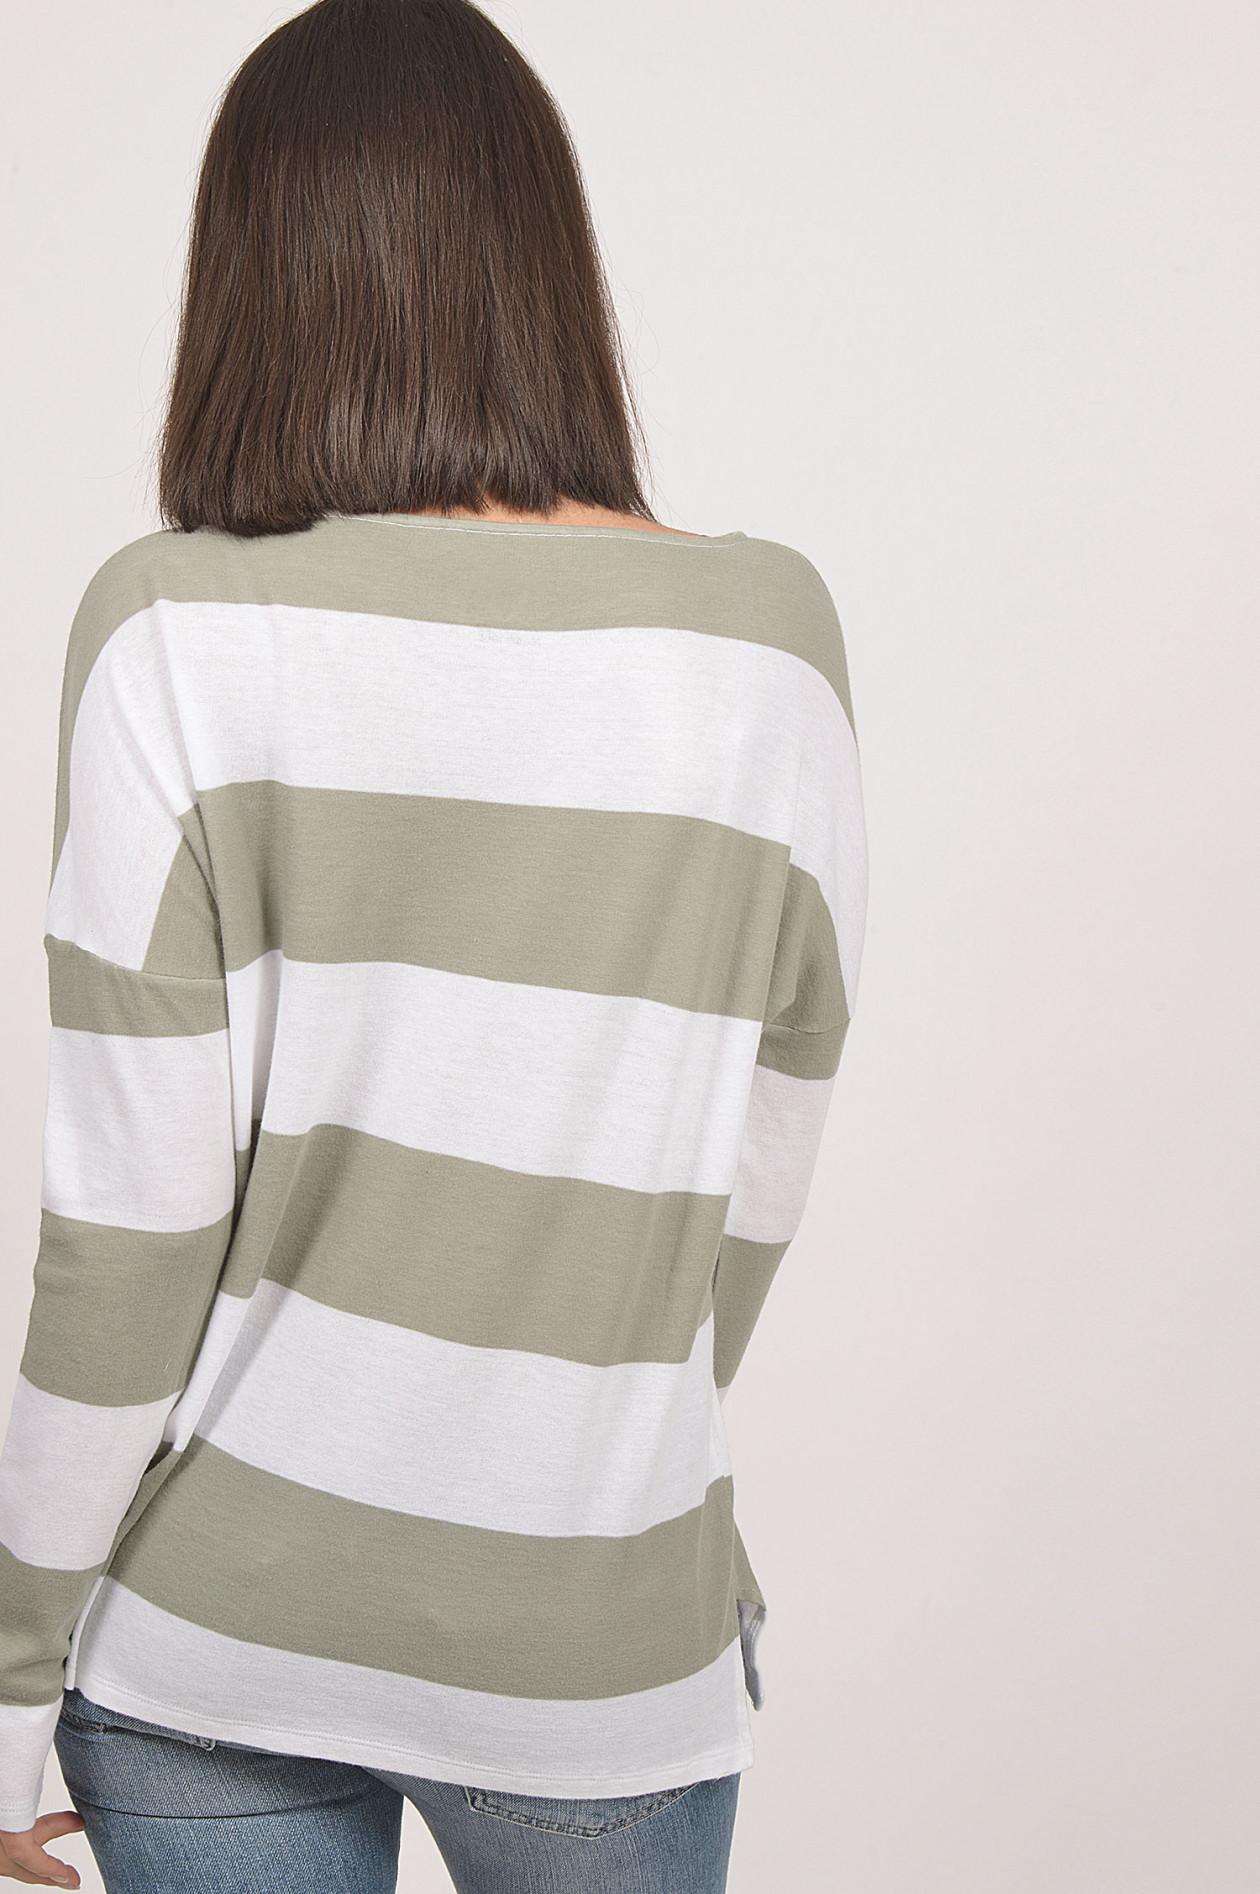 Juvia Sweatshirt mit Blockstreifen in GrauWeiß | GRUENER.AT